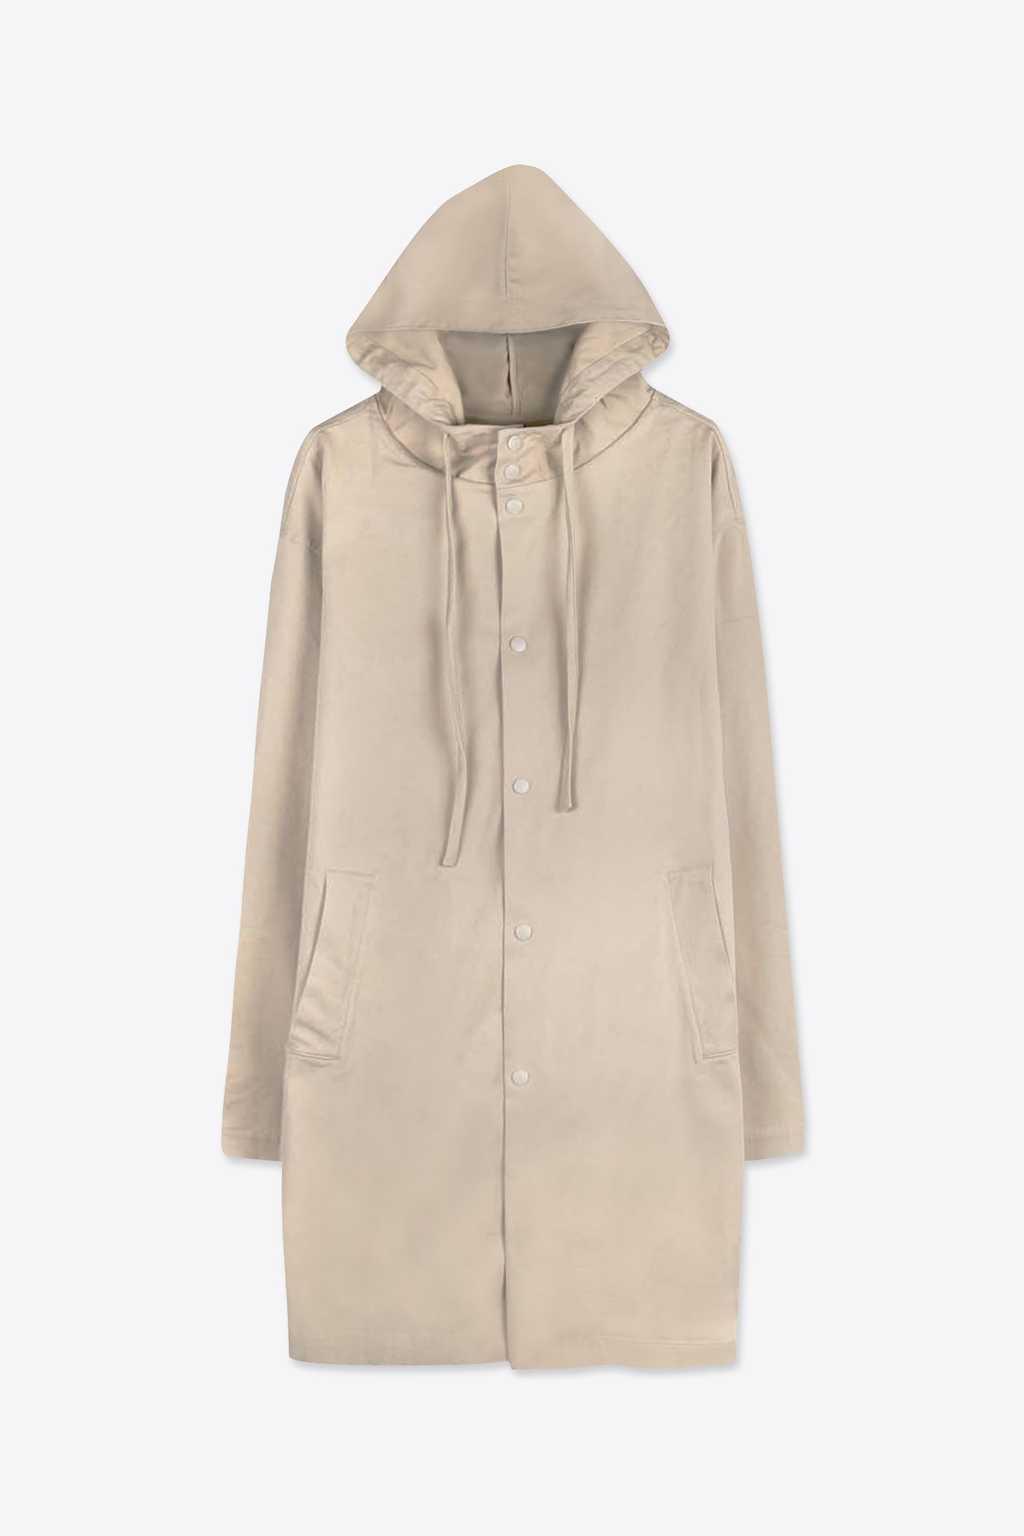 Jacket 575M Beige 6